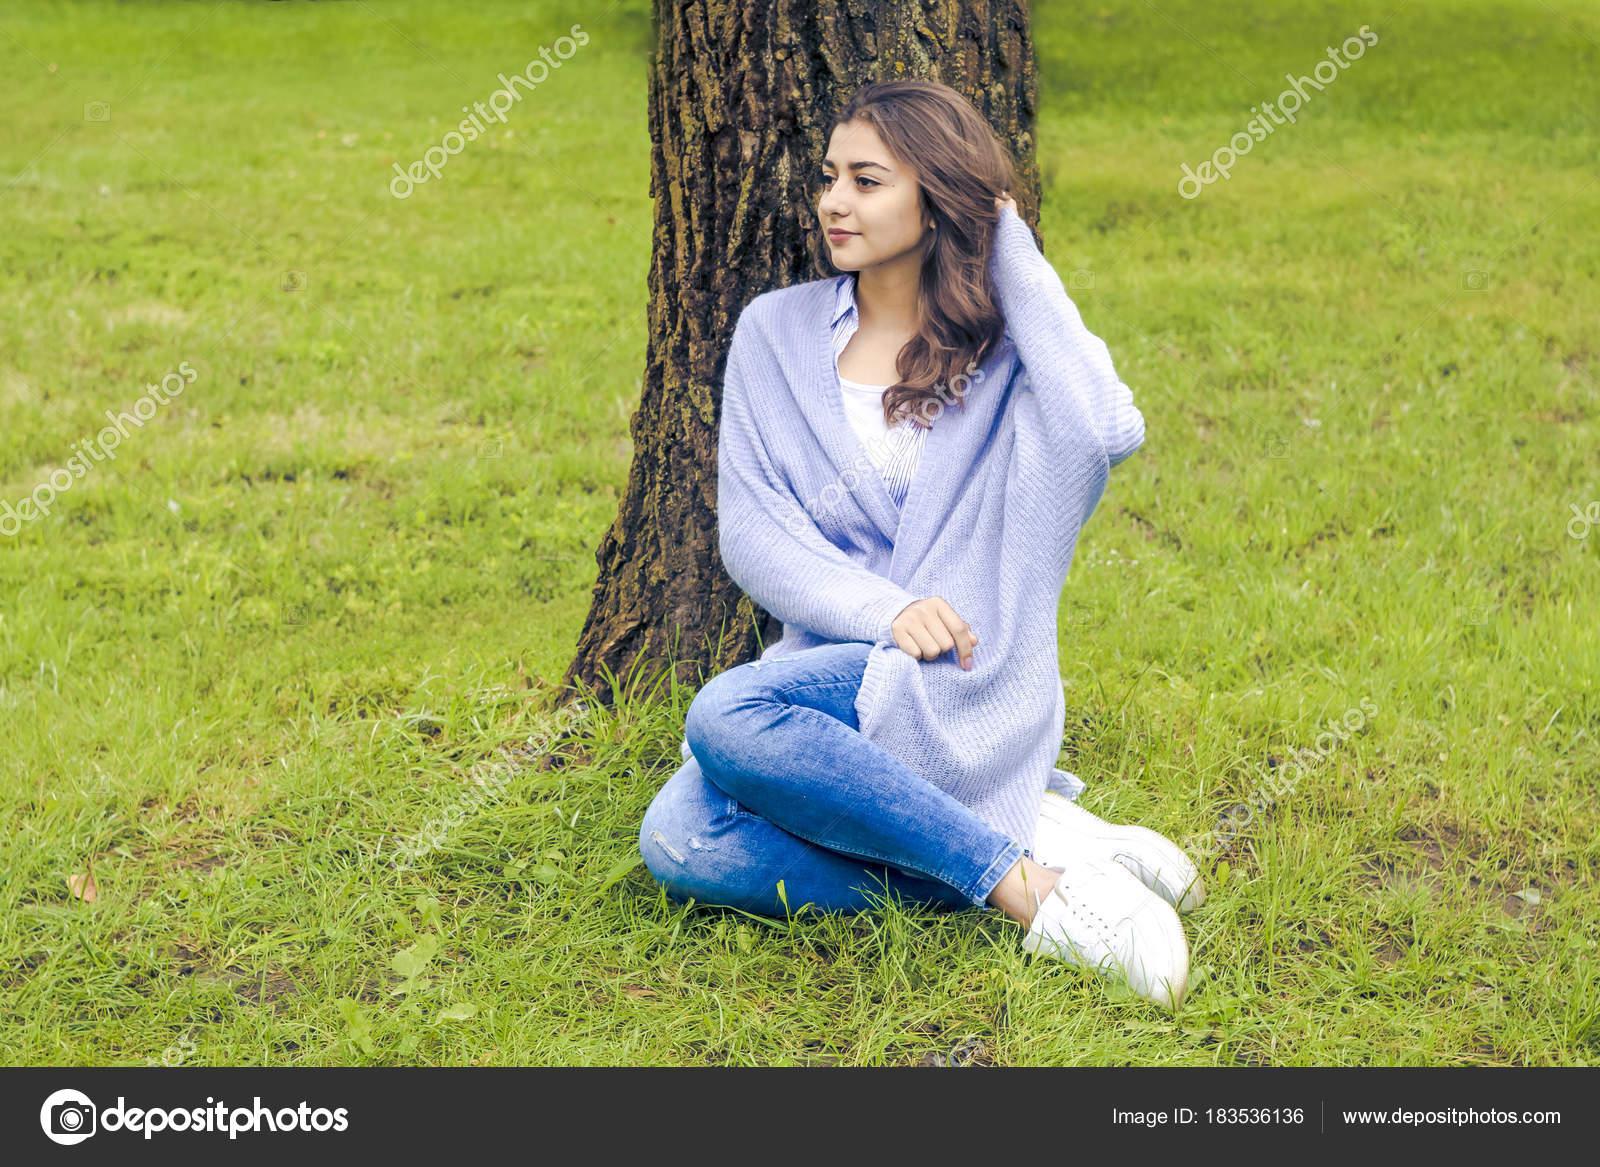 Photos Indian Natural Beauty Beautiful Young Woman Resting Nature Indian Girl Relaxing Park Stock Photo C Sasha2109 183536136